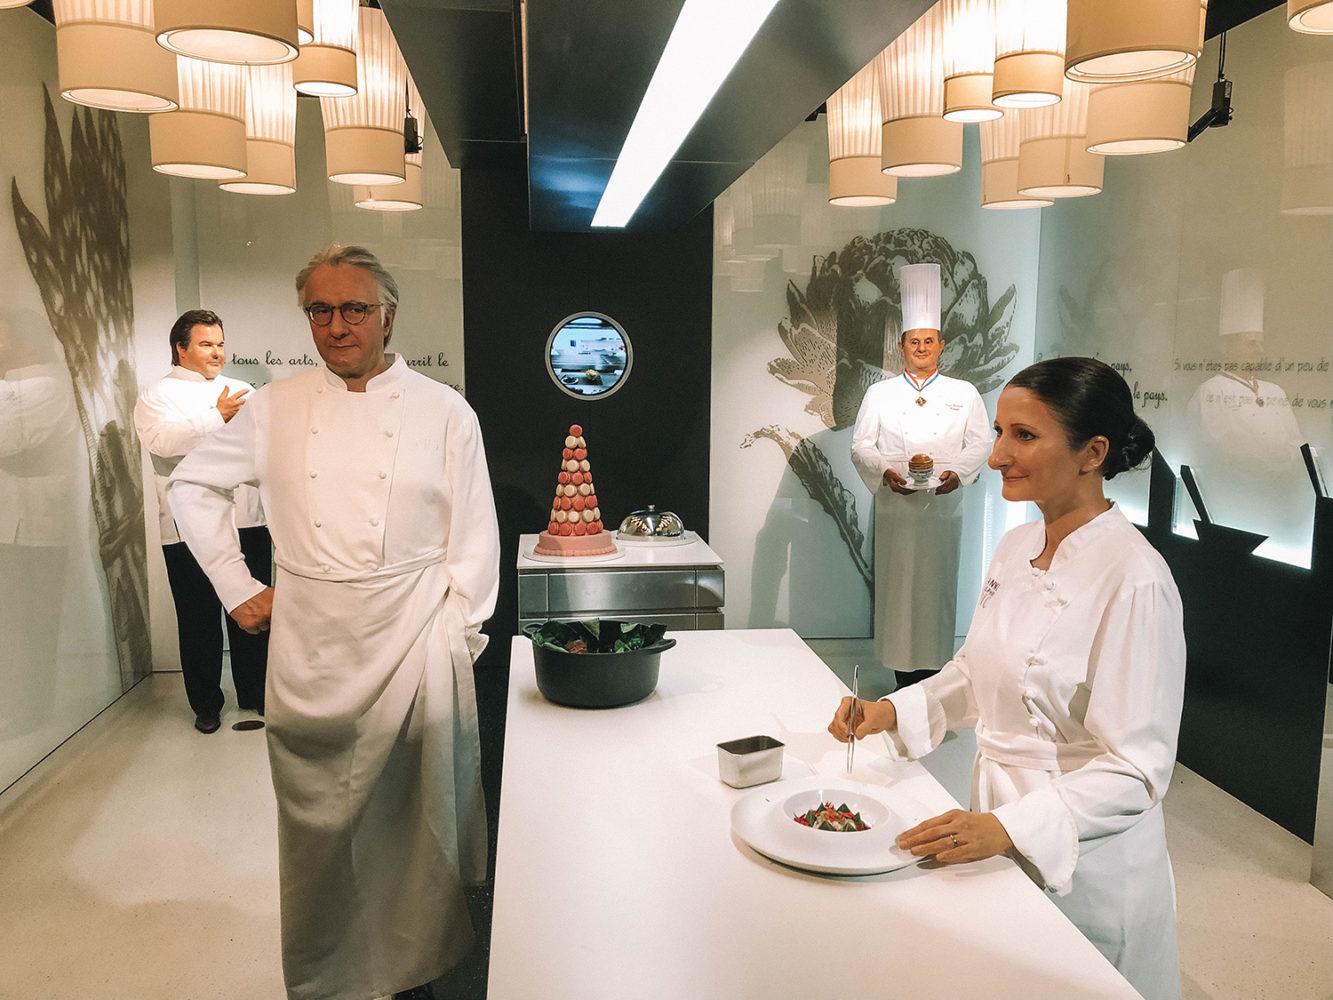 Les chefs étoilés français